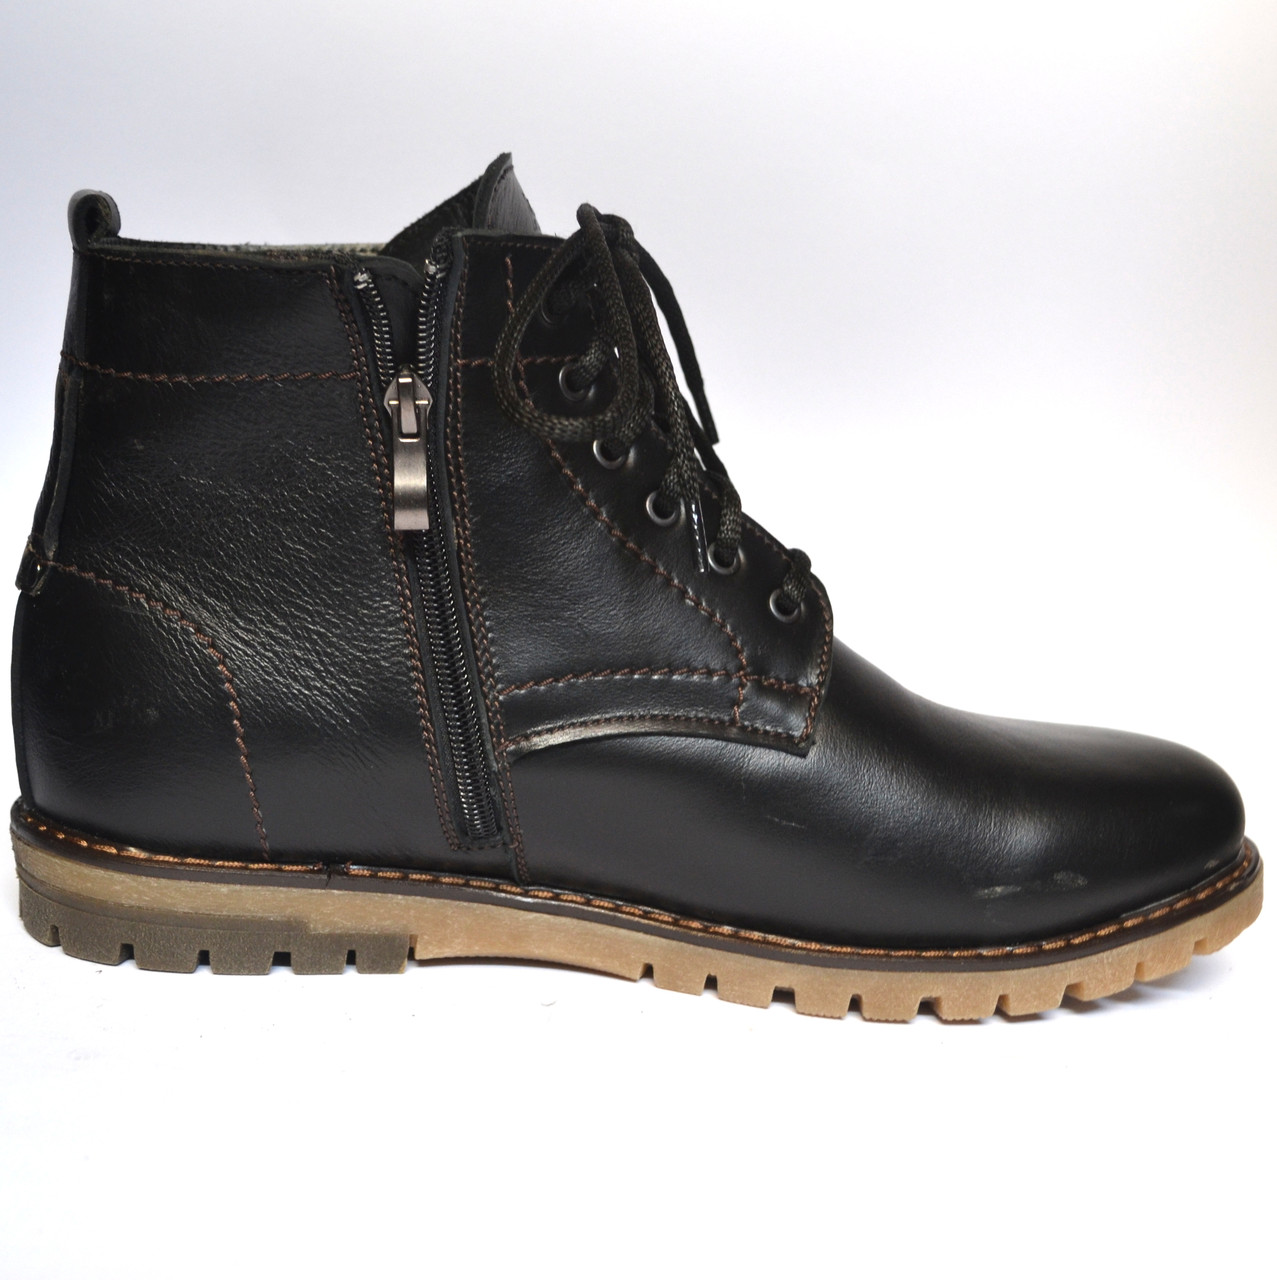 Большой размер Кожаные зимние мужские ботинки Rosso Avangard BS Falconi Black черные